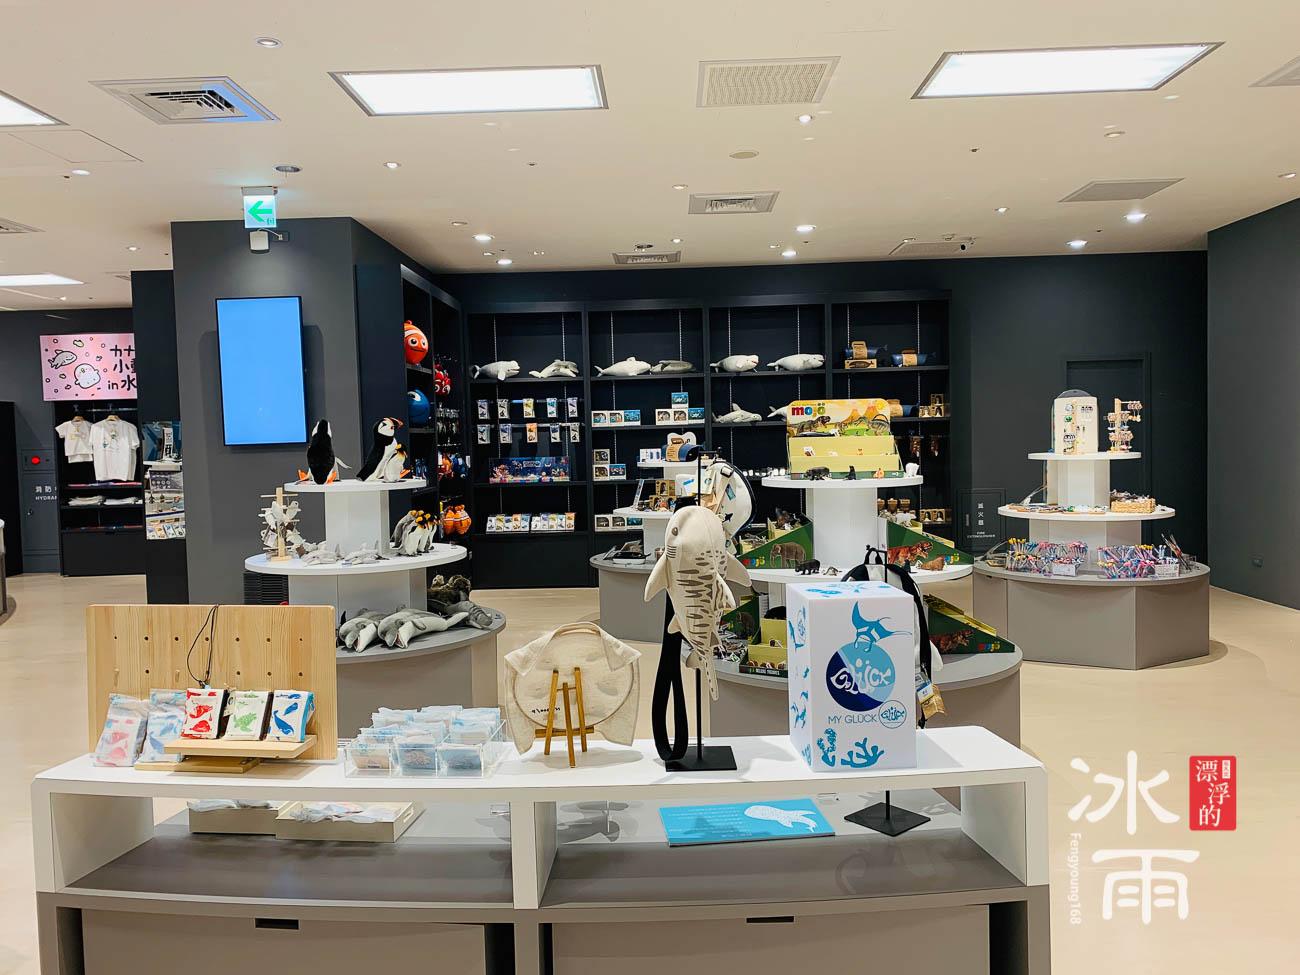 X fun|Xpark水族館禮品專賣店|店內一景